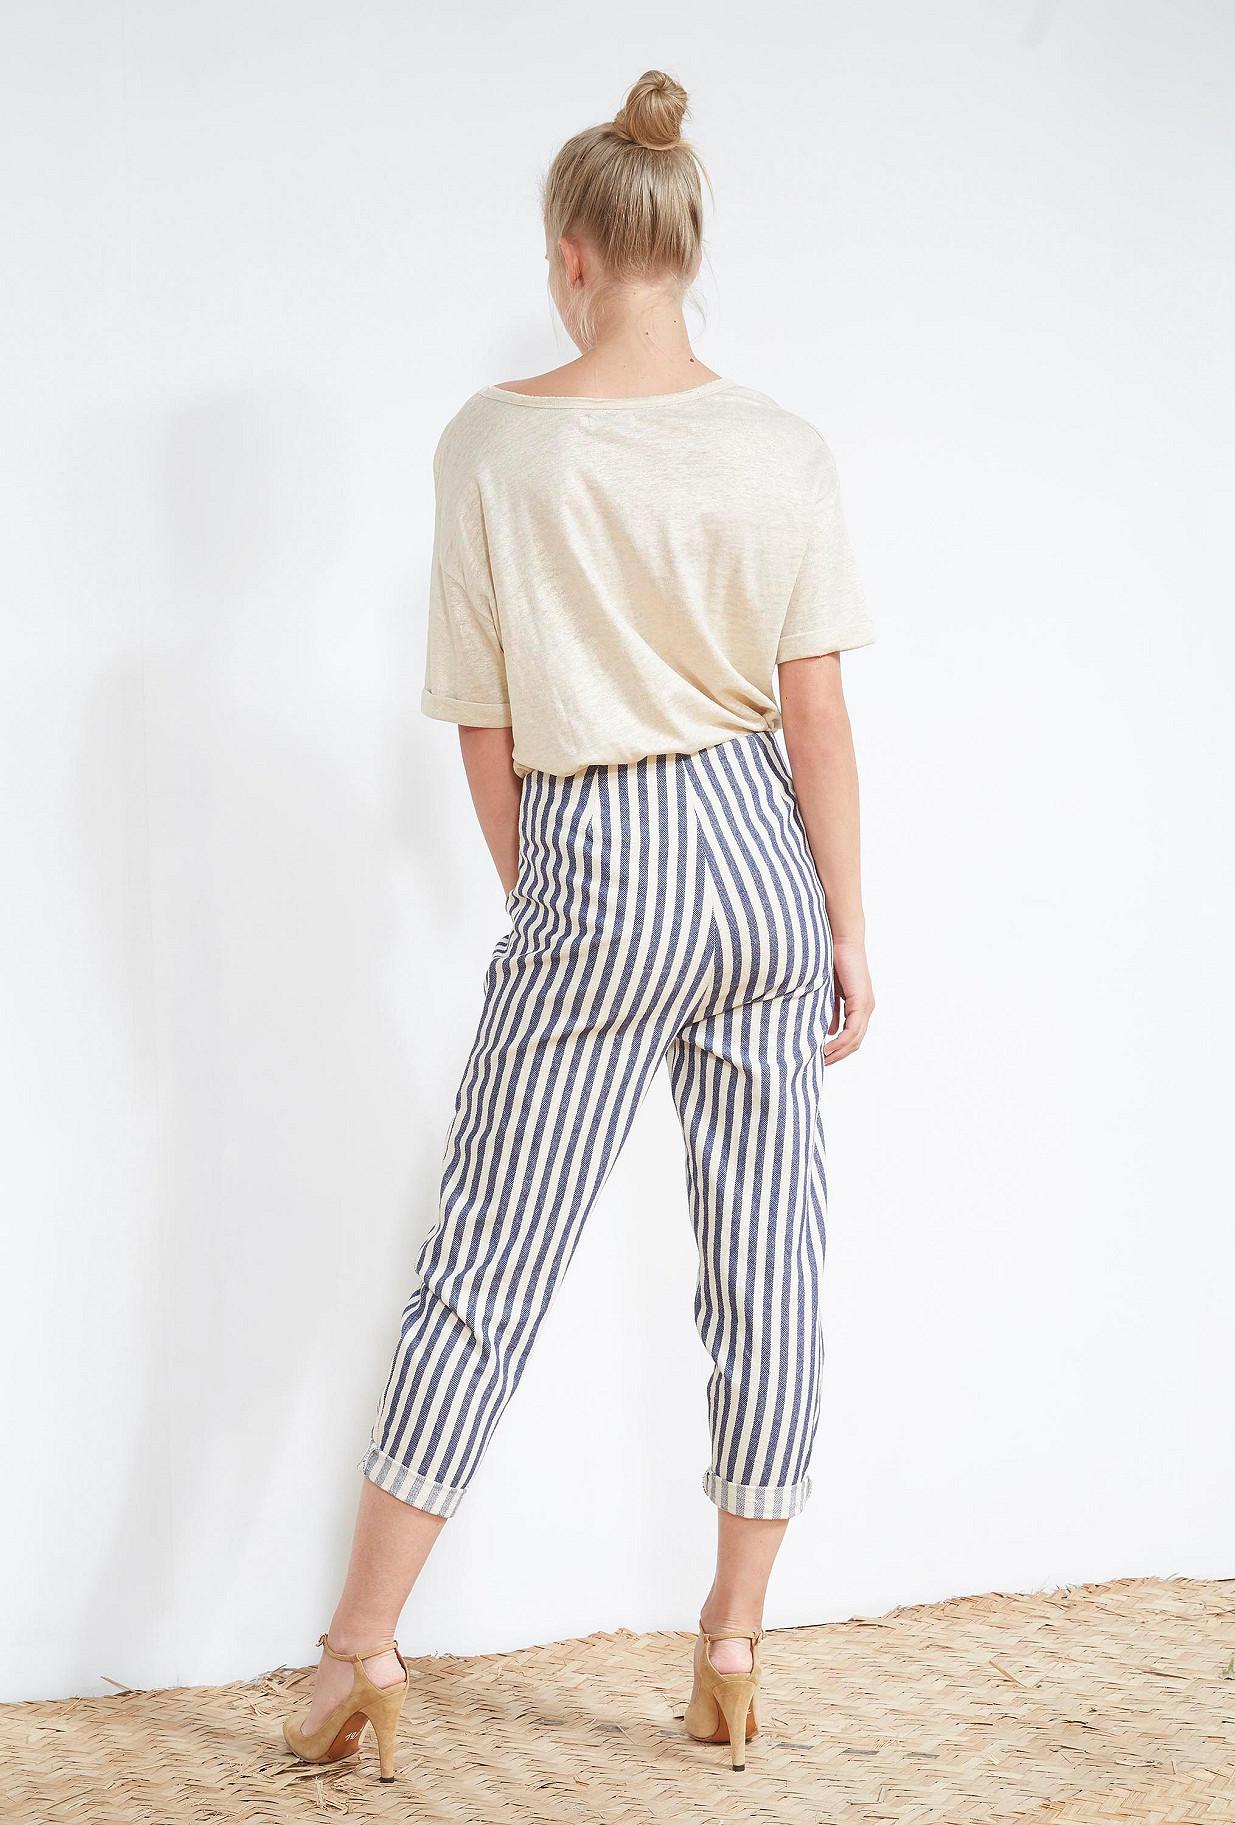 boutique de pantalon femme garrigue mode createur paris. Black Bedroom Furniture Sets. Home Design Ideas